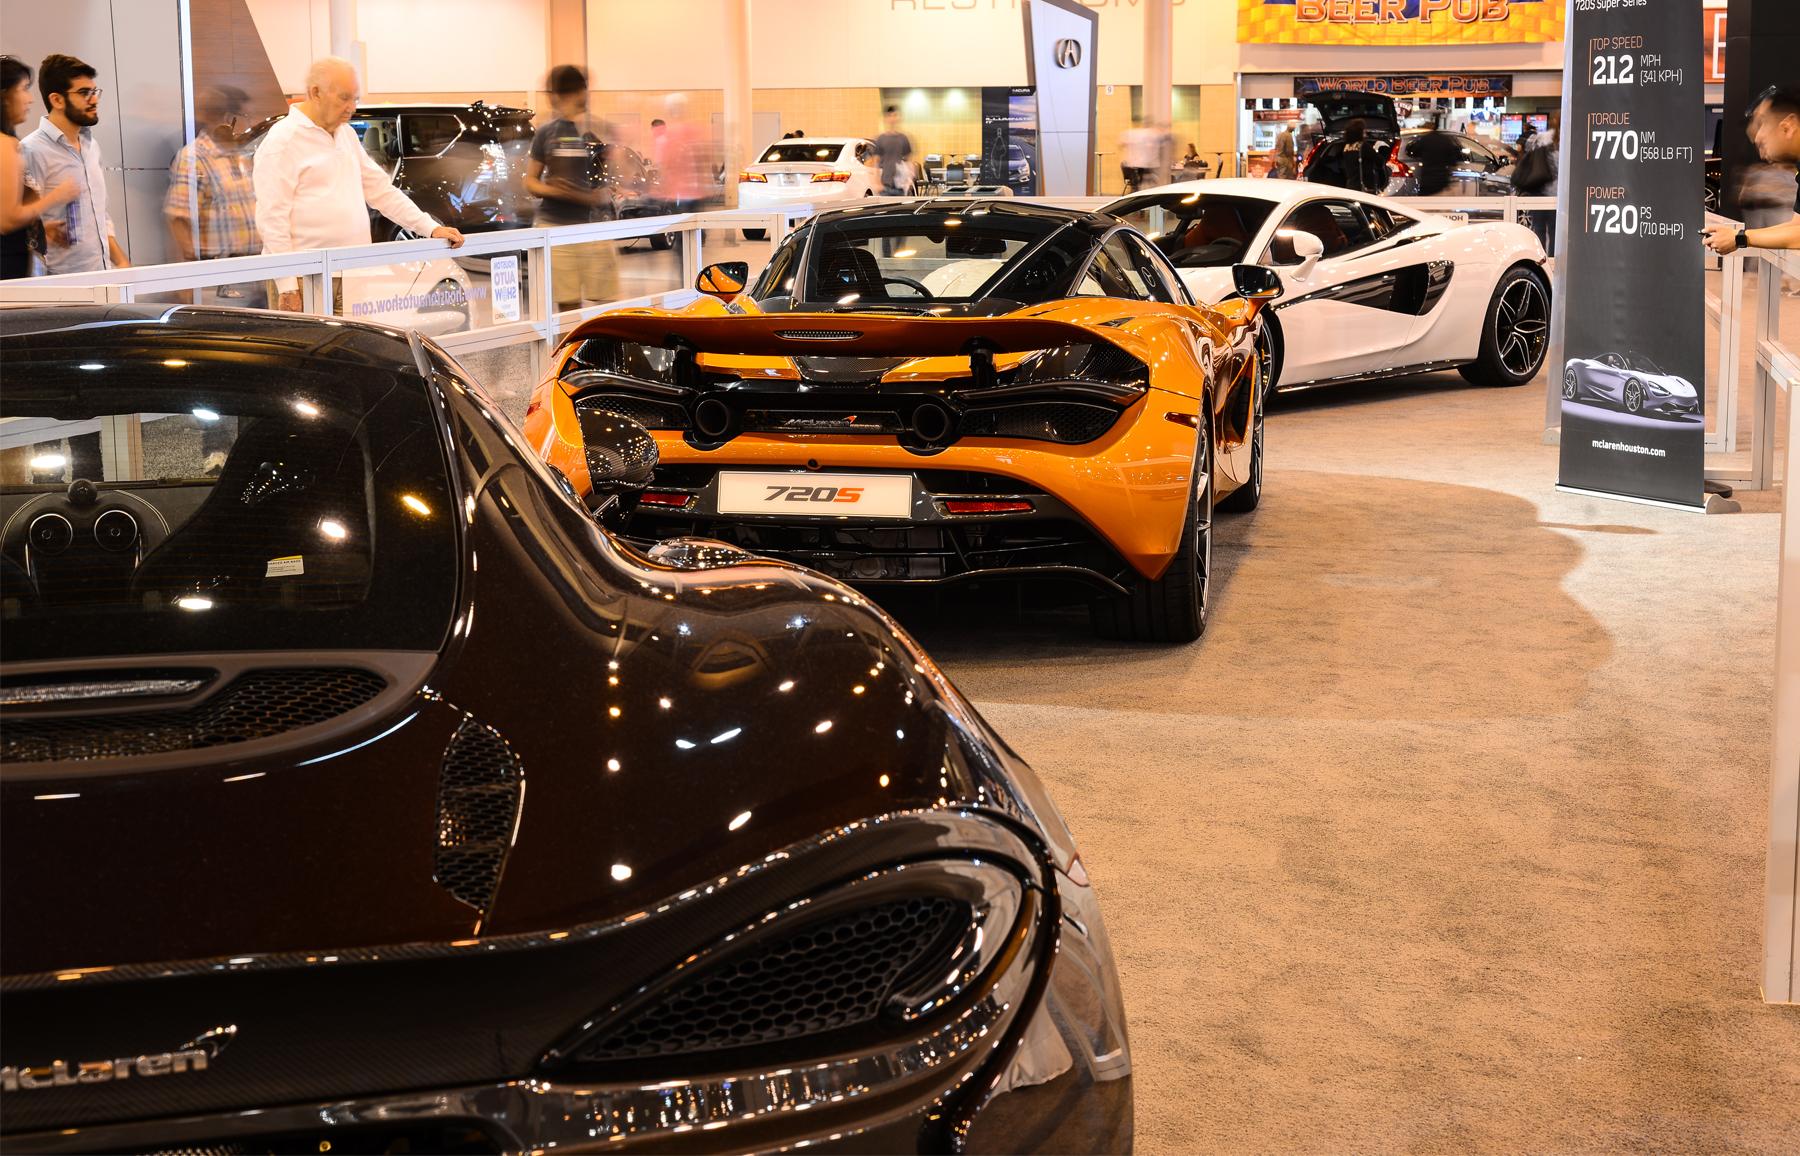 McLaren S Reveal At The Houston Auto Show McLaren Houston - Car show houston